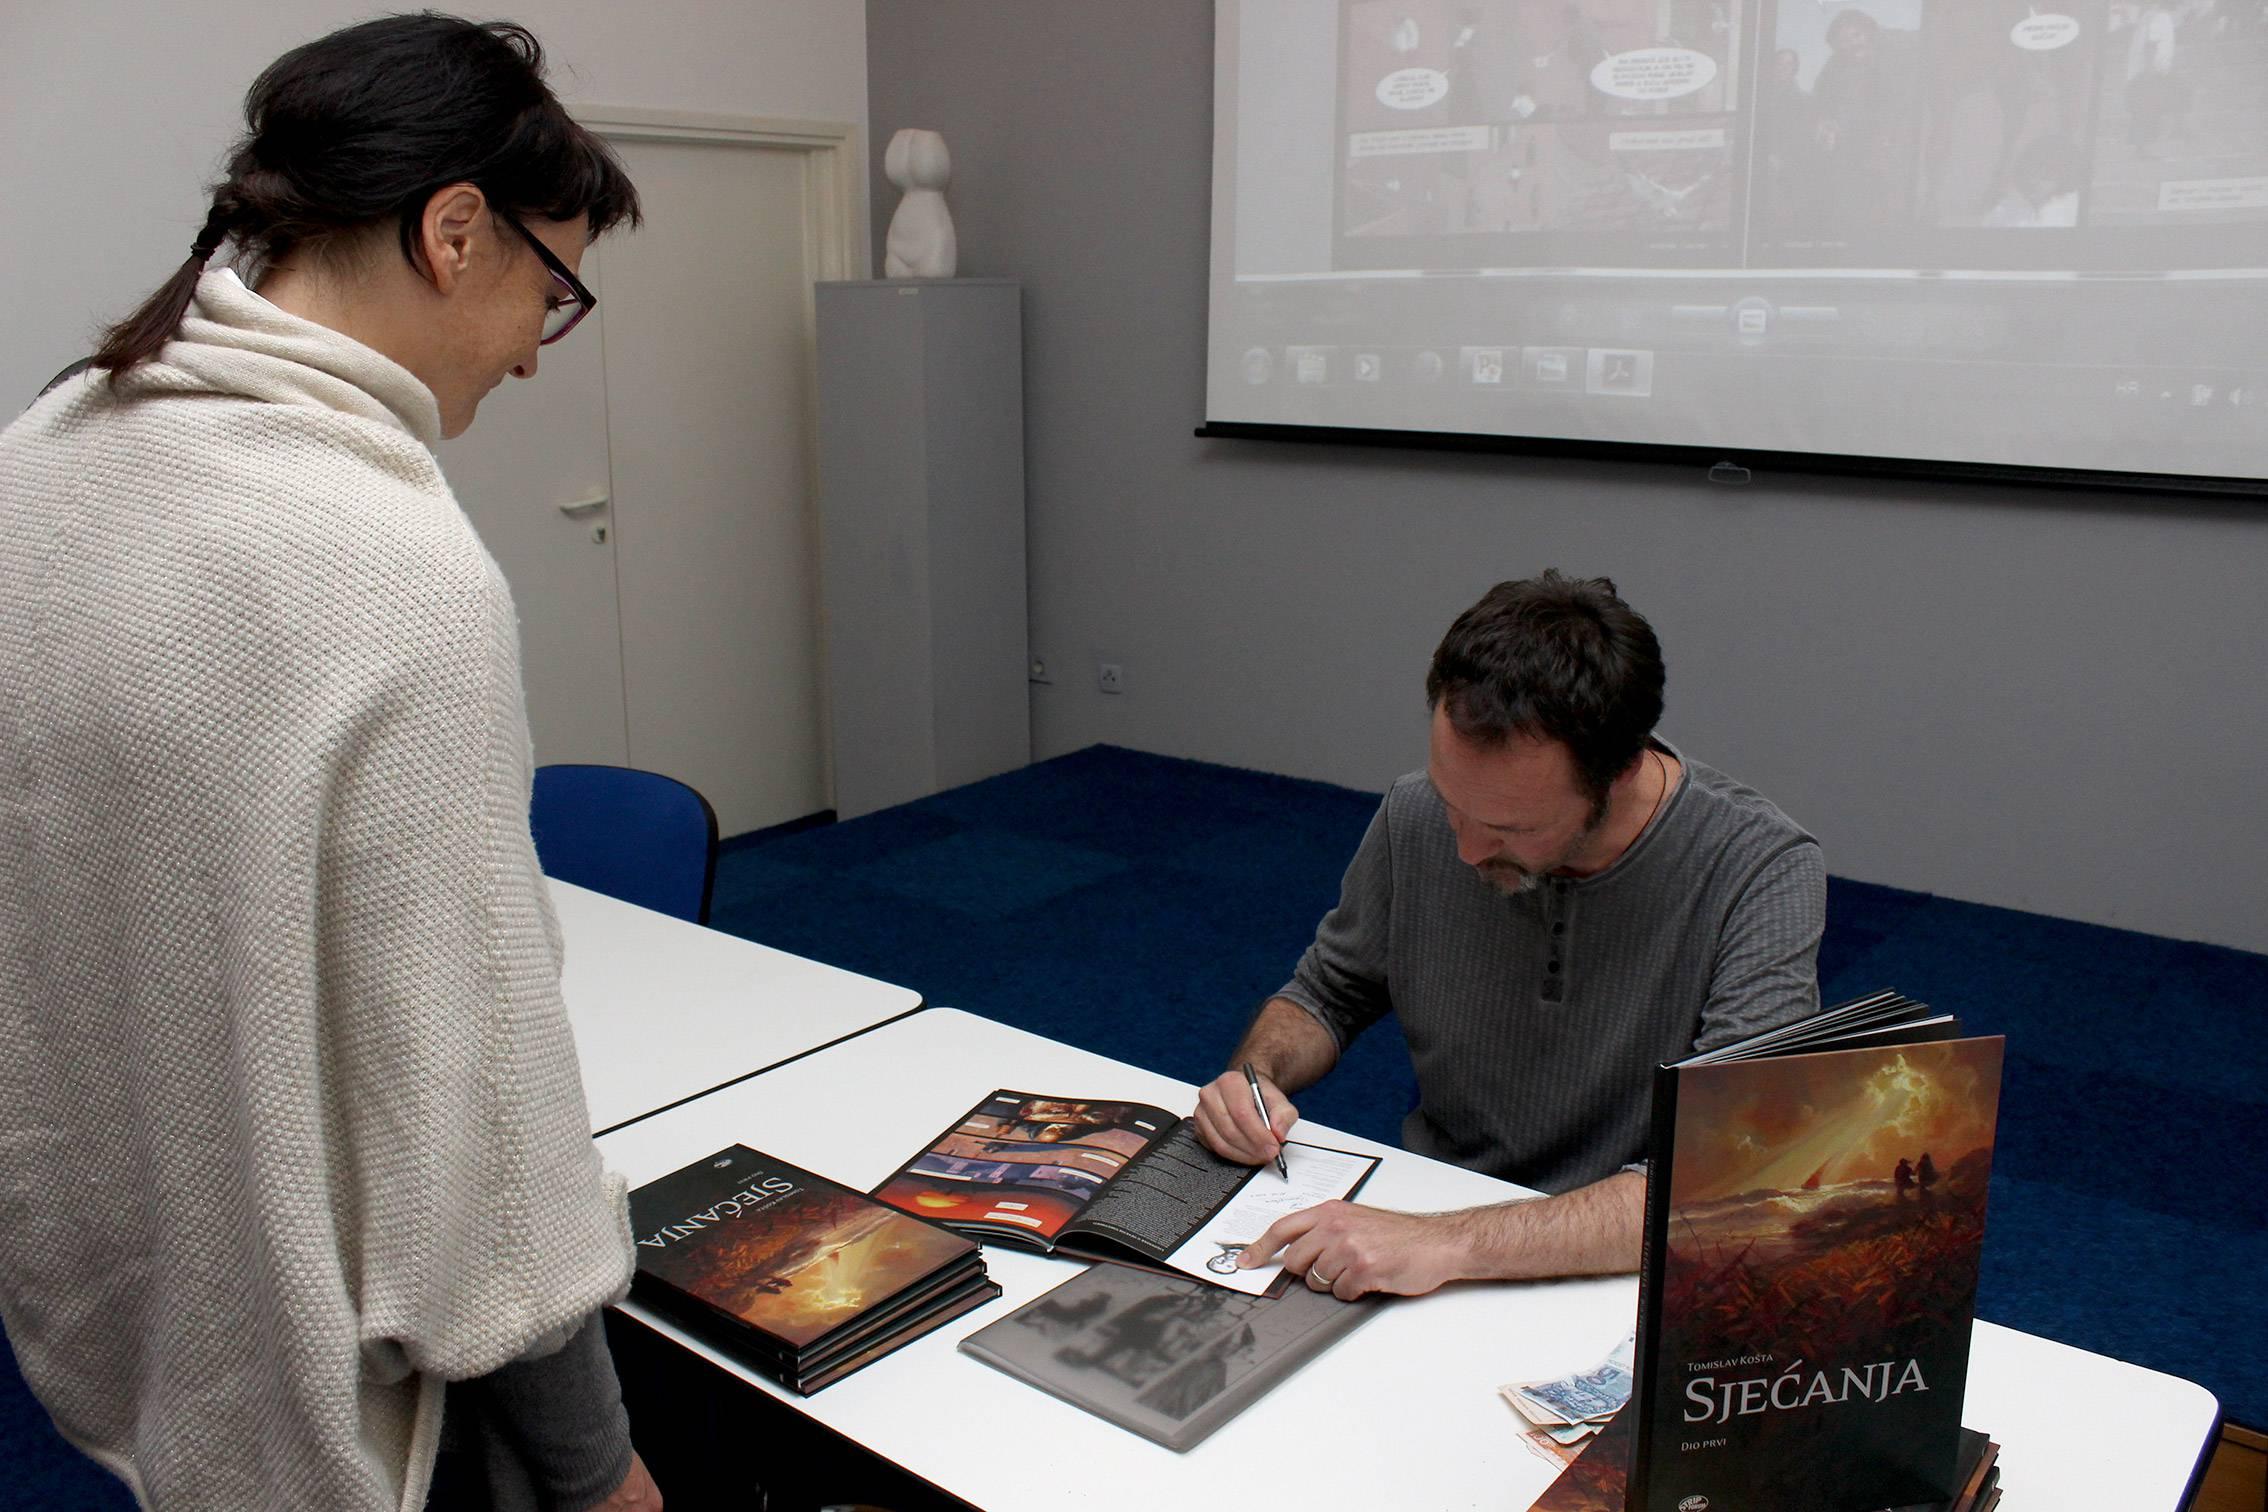 Predstavljanje strip albuma Sjećanja autora Tomislava Košte